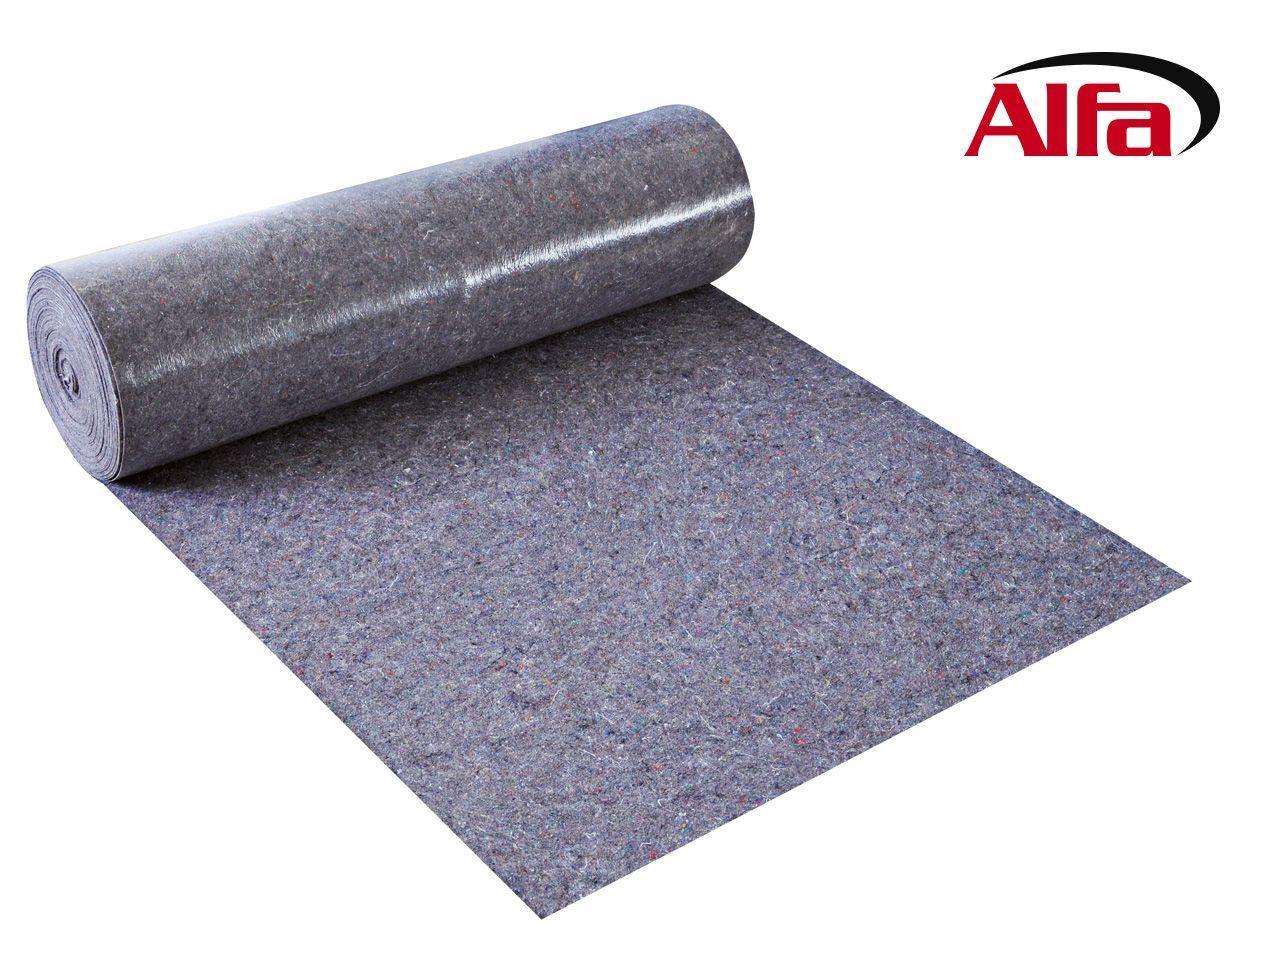 Saugfähiges Abdeckvlies 230 g/m² mit Anti-Rutsch-Folienbeschichtung